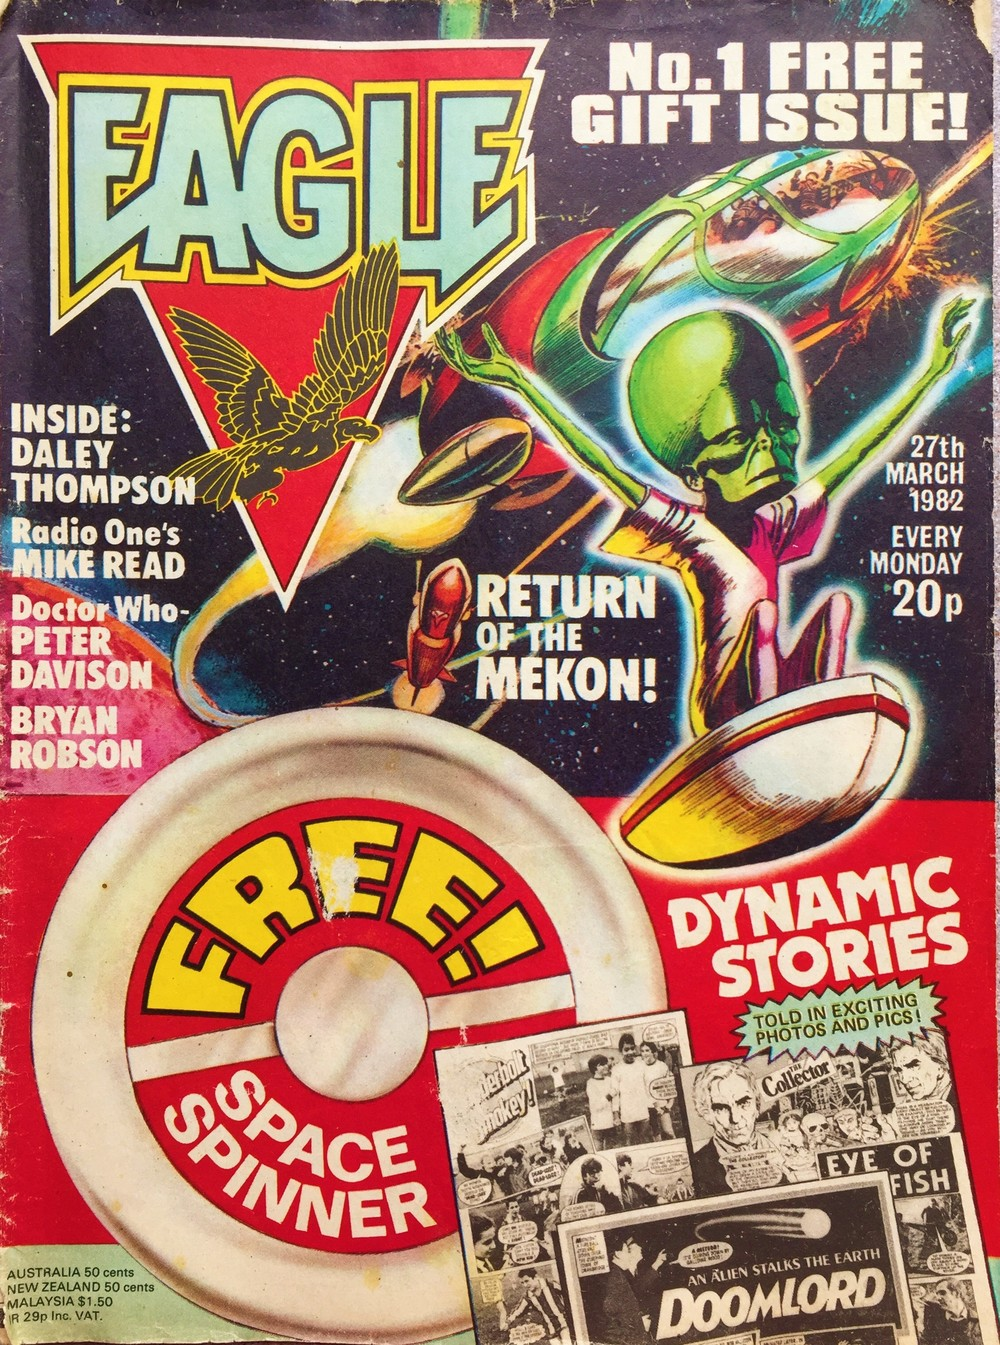 Cover artwork: Gerry Embleton